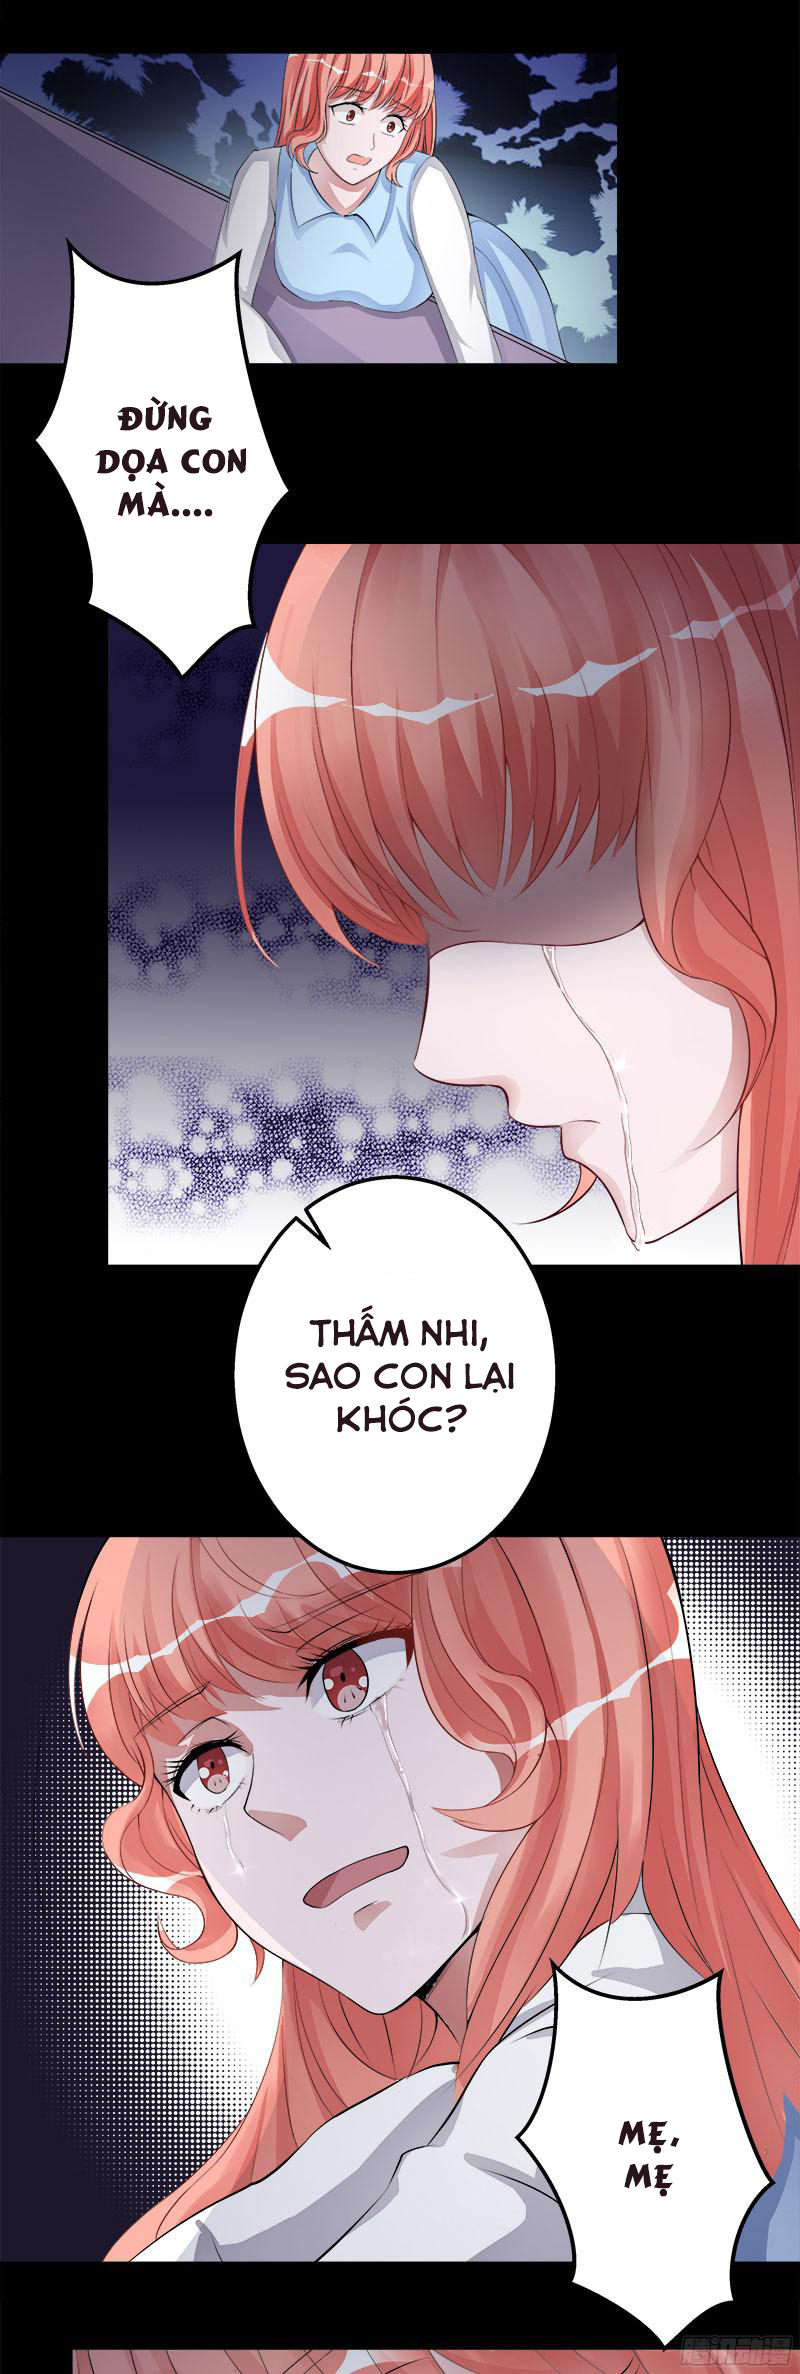 Hung Mãnh Quỷ Phu Bà Thượng Sàng chap 4 - Trang 15